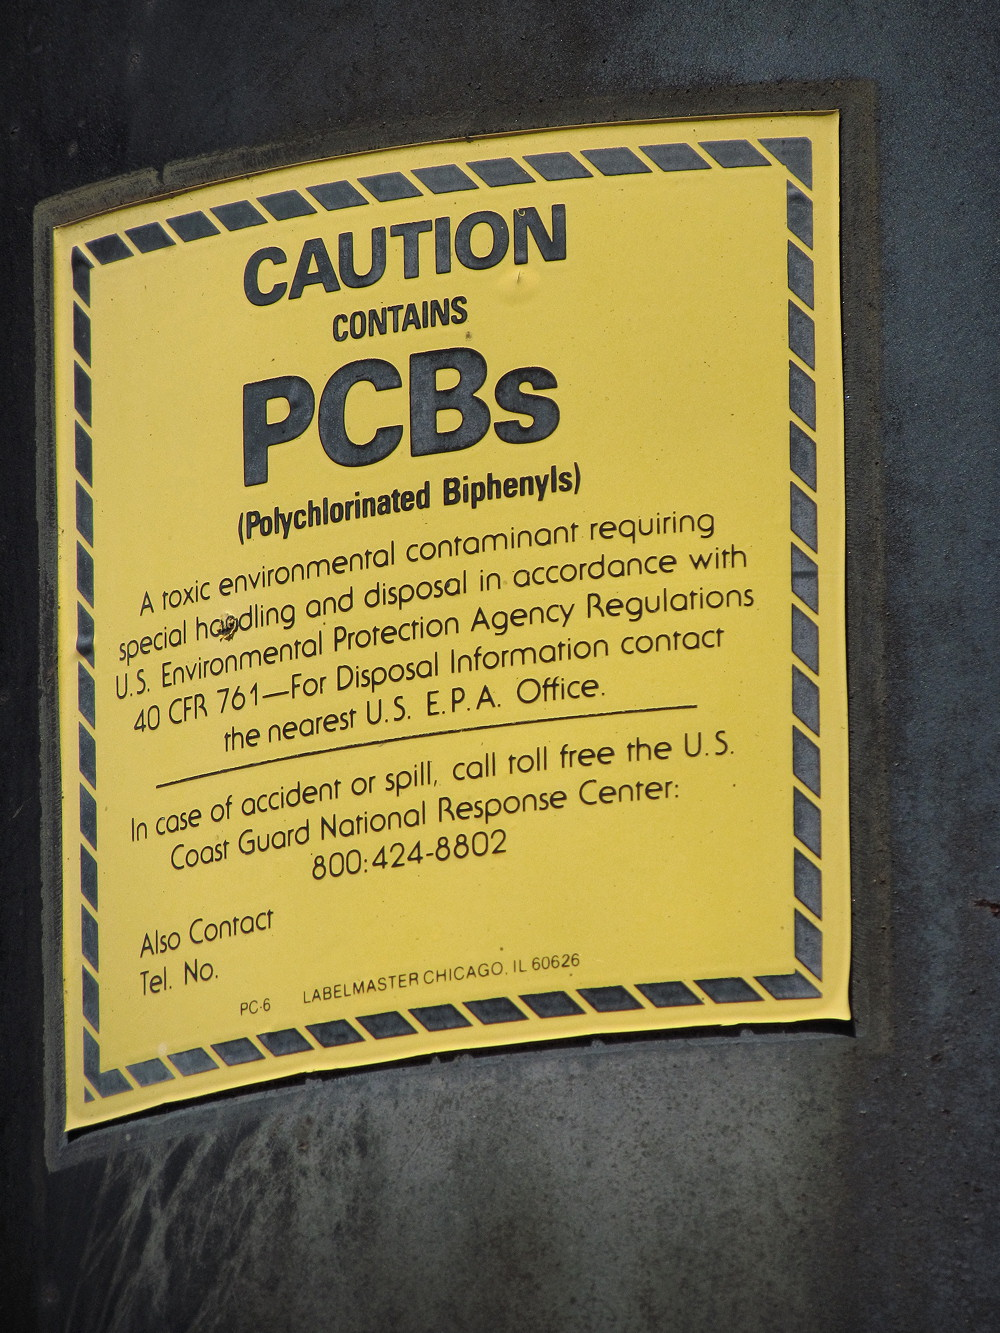 caution contains pcbs